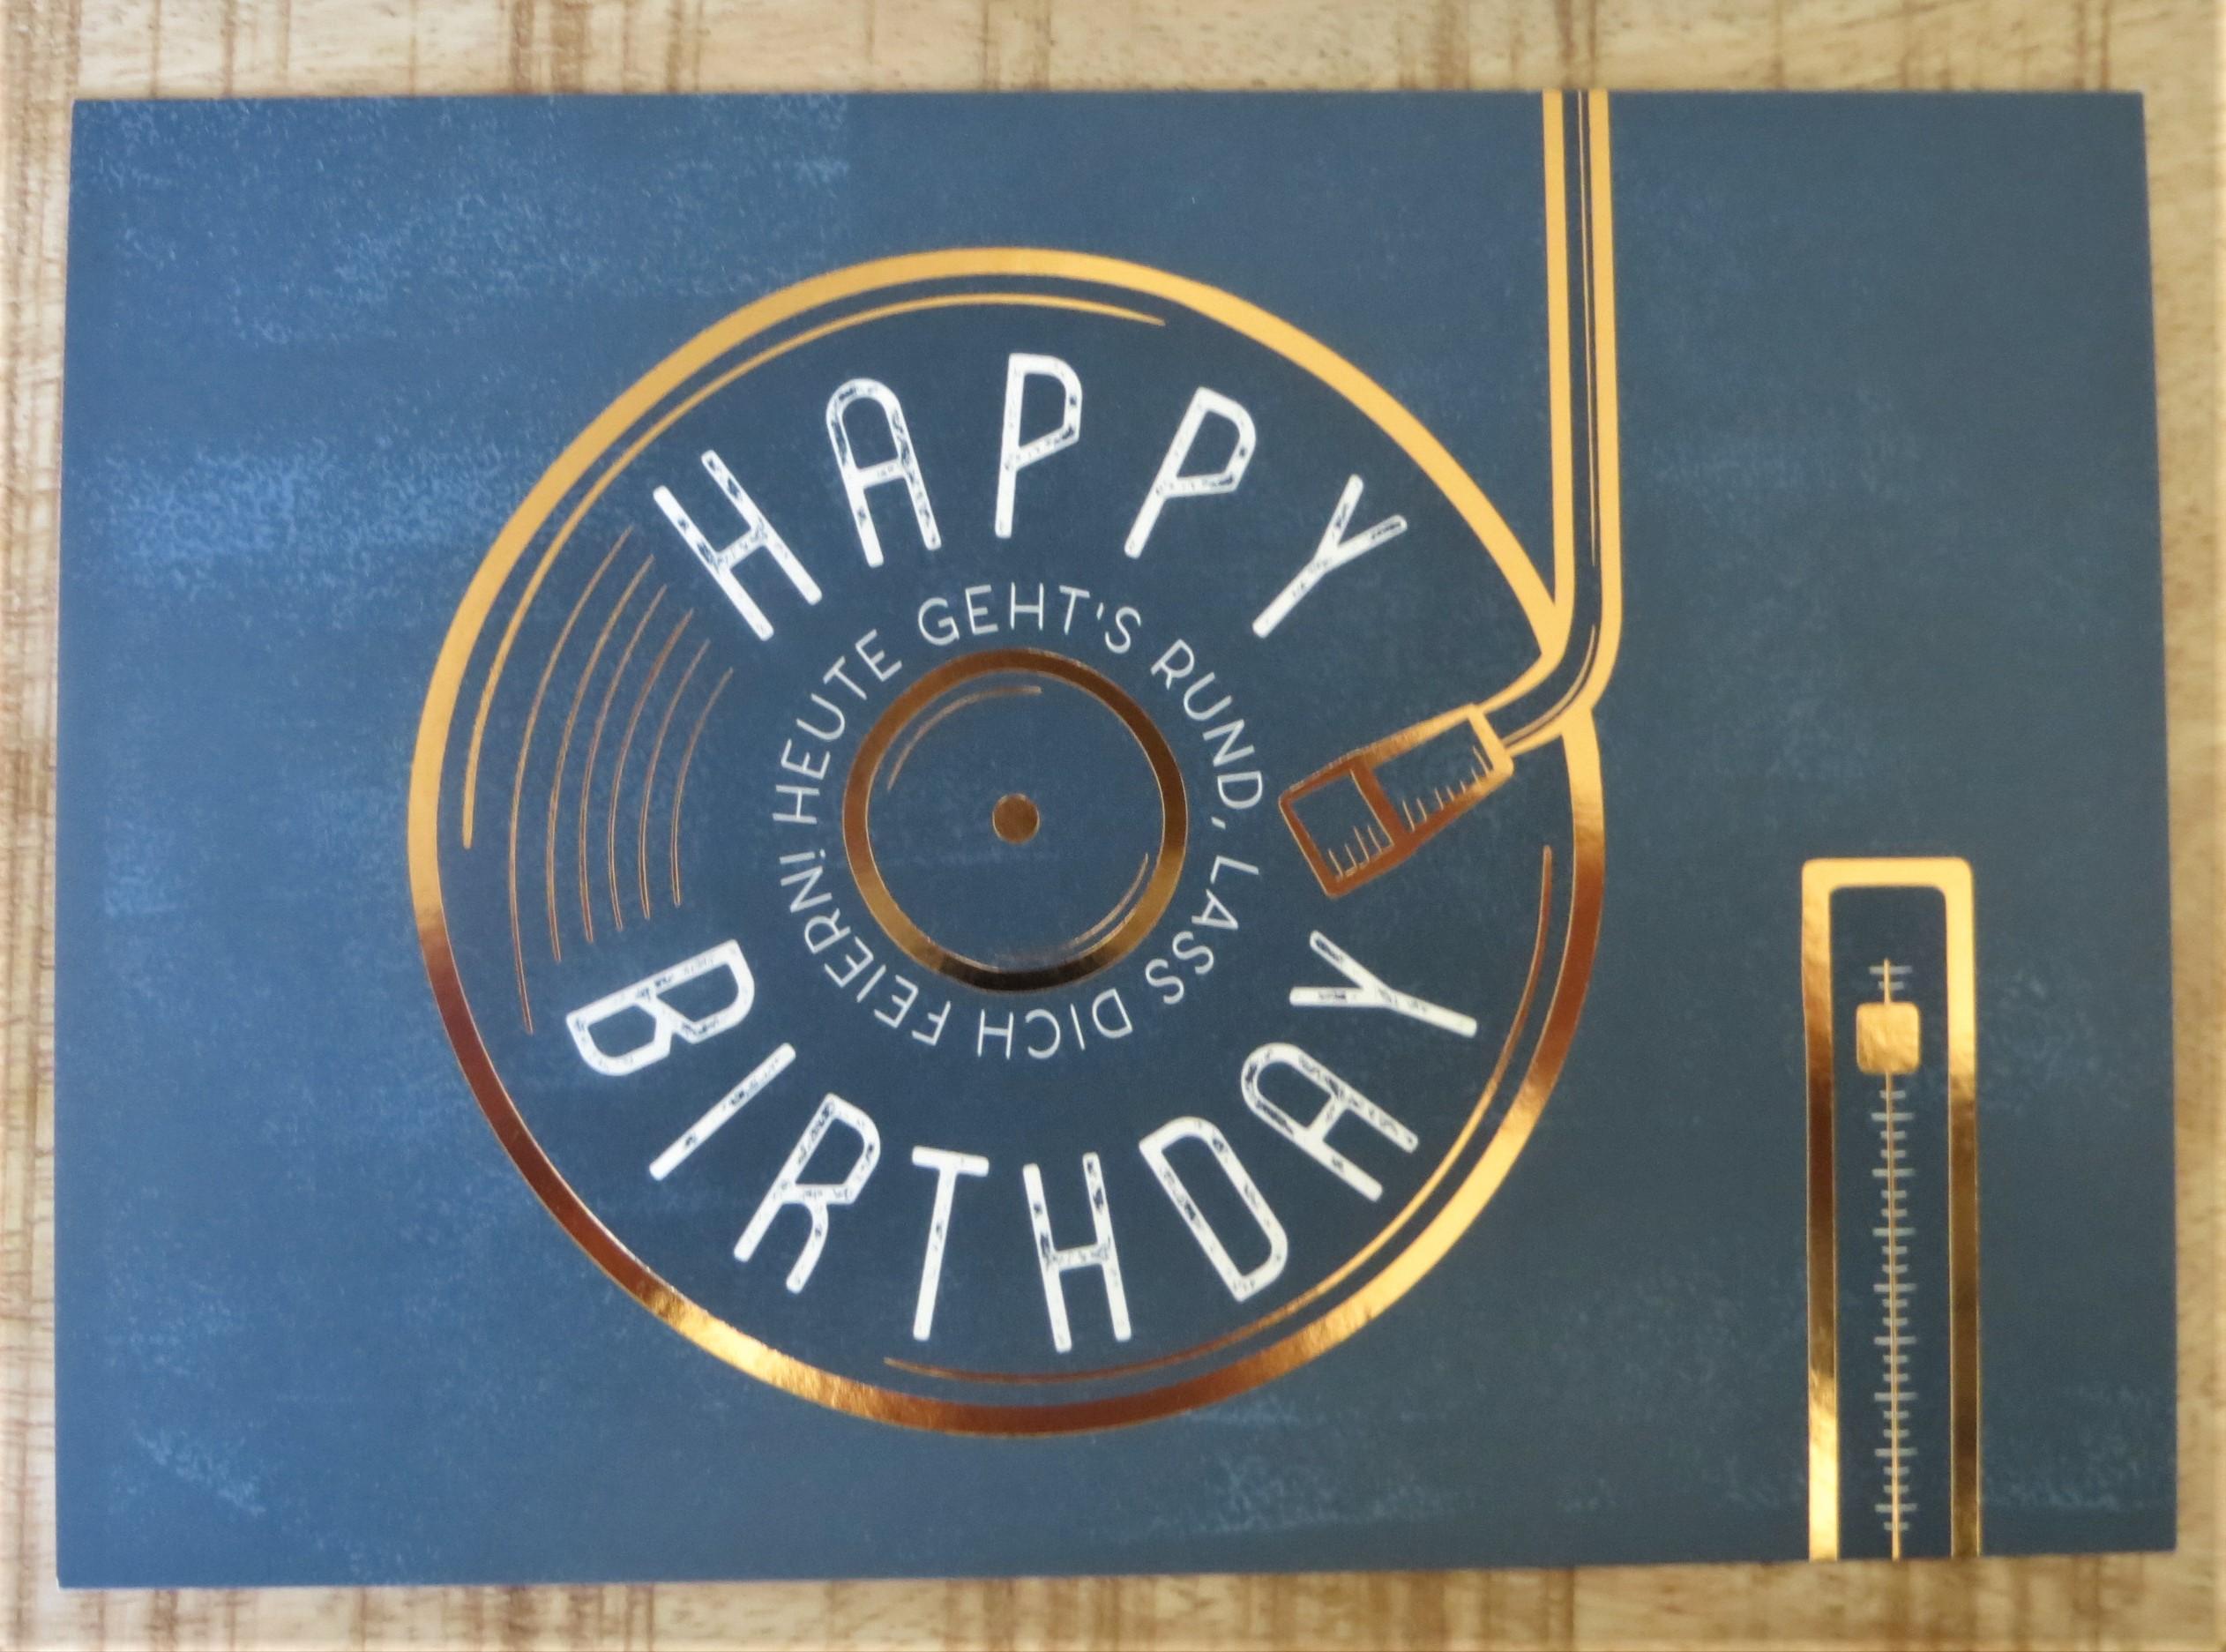 Nützlichgrusskarten - Postkarte Happy birthday Heute gehts rund lass dich feiern VintageArt - Onlineshop Tante Emmer